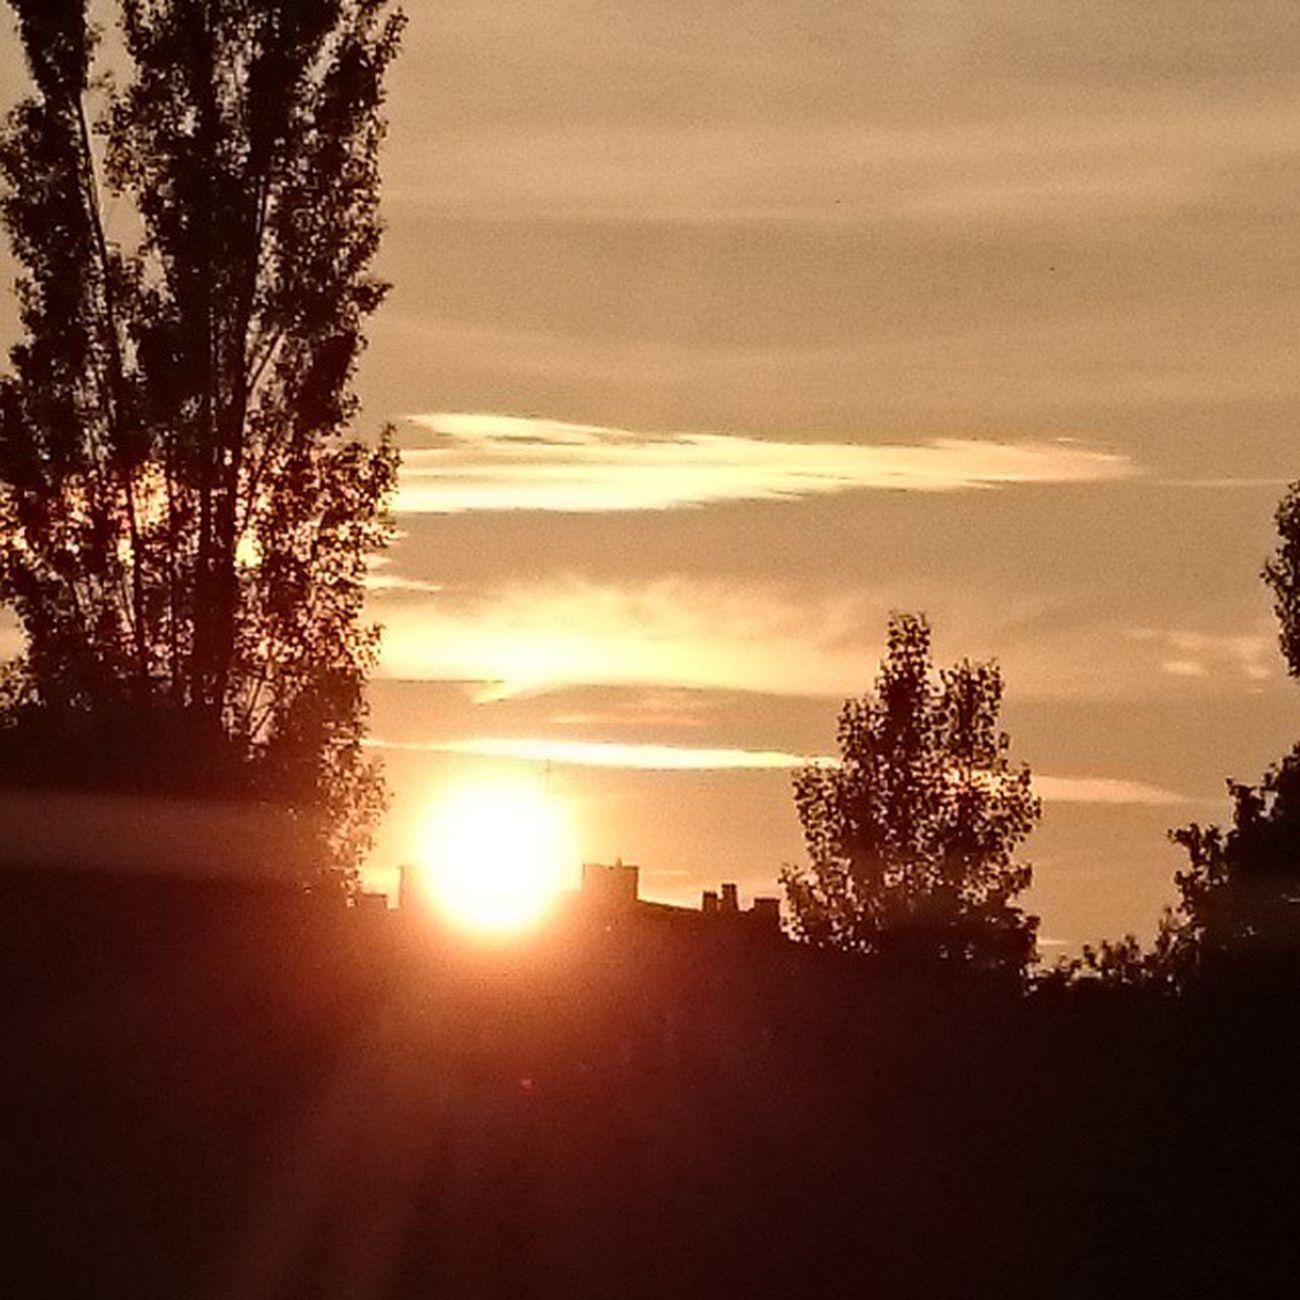 Kslive Kassel Kasselgram Sonne Sonnenuntergang Nordstadtpark Sommer Z1 Sony Original